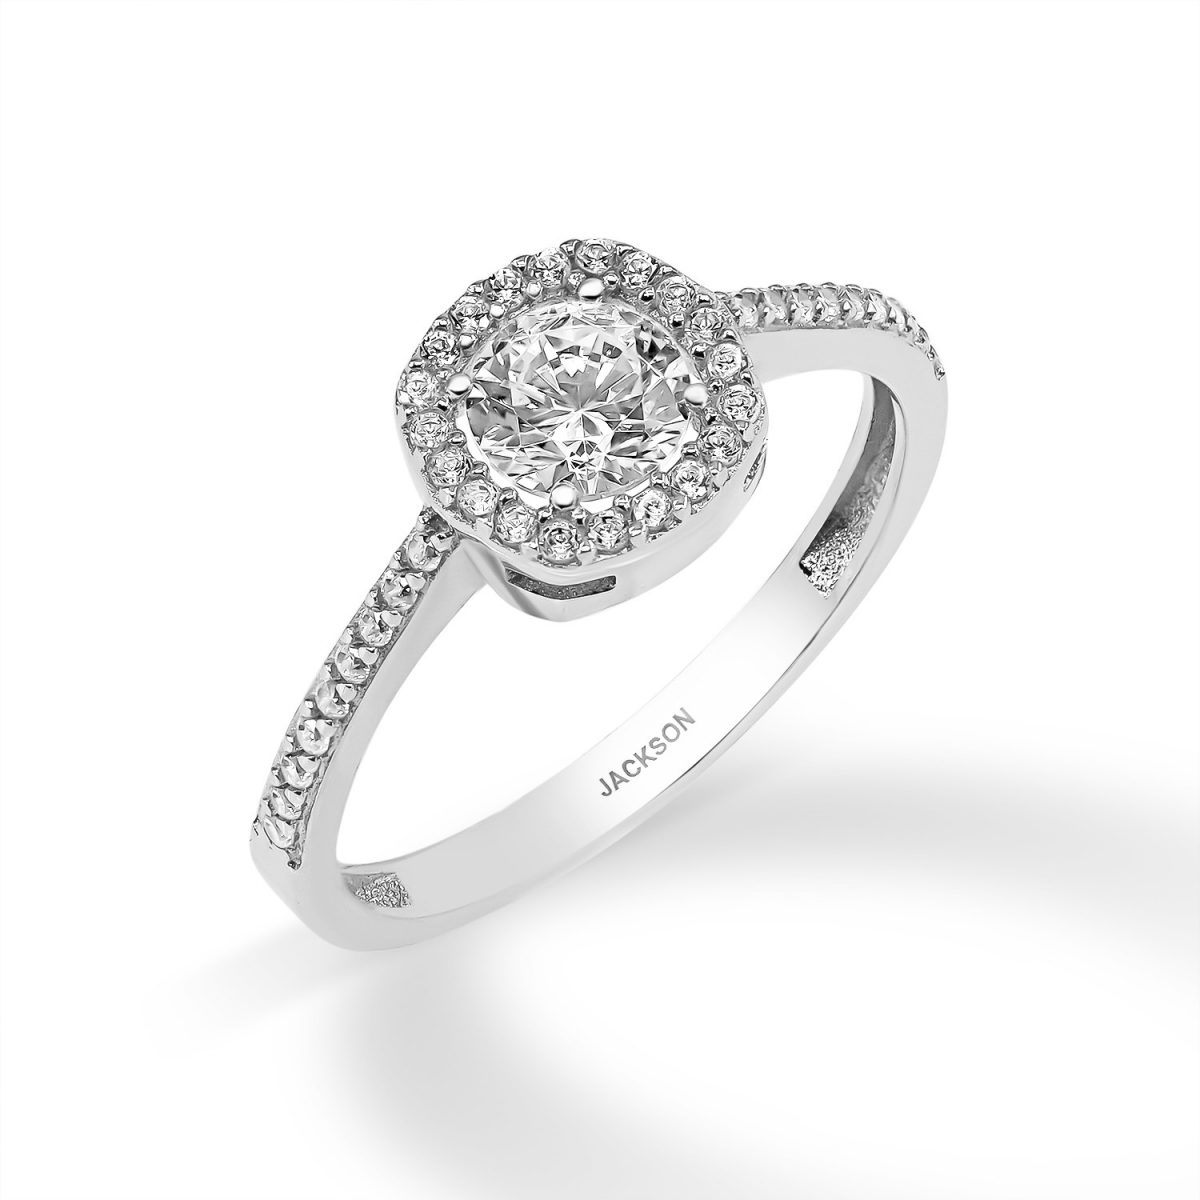 טבעת זהב - מור - זהב לבן